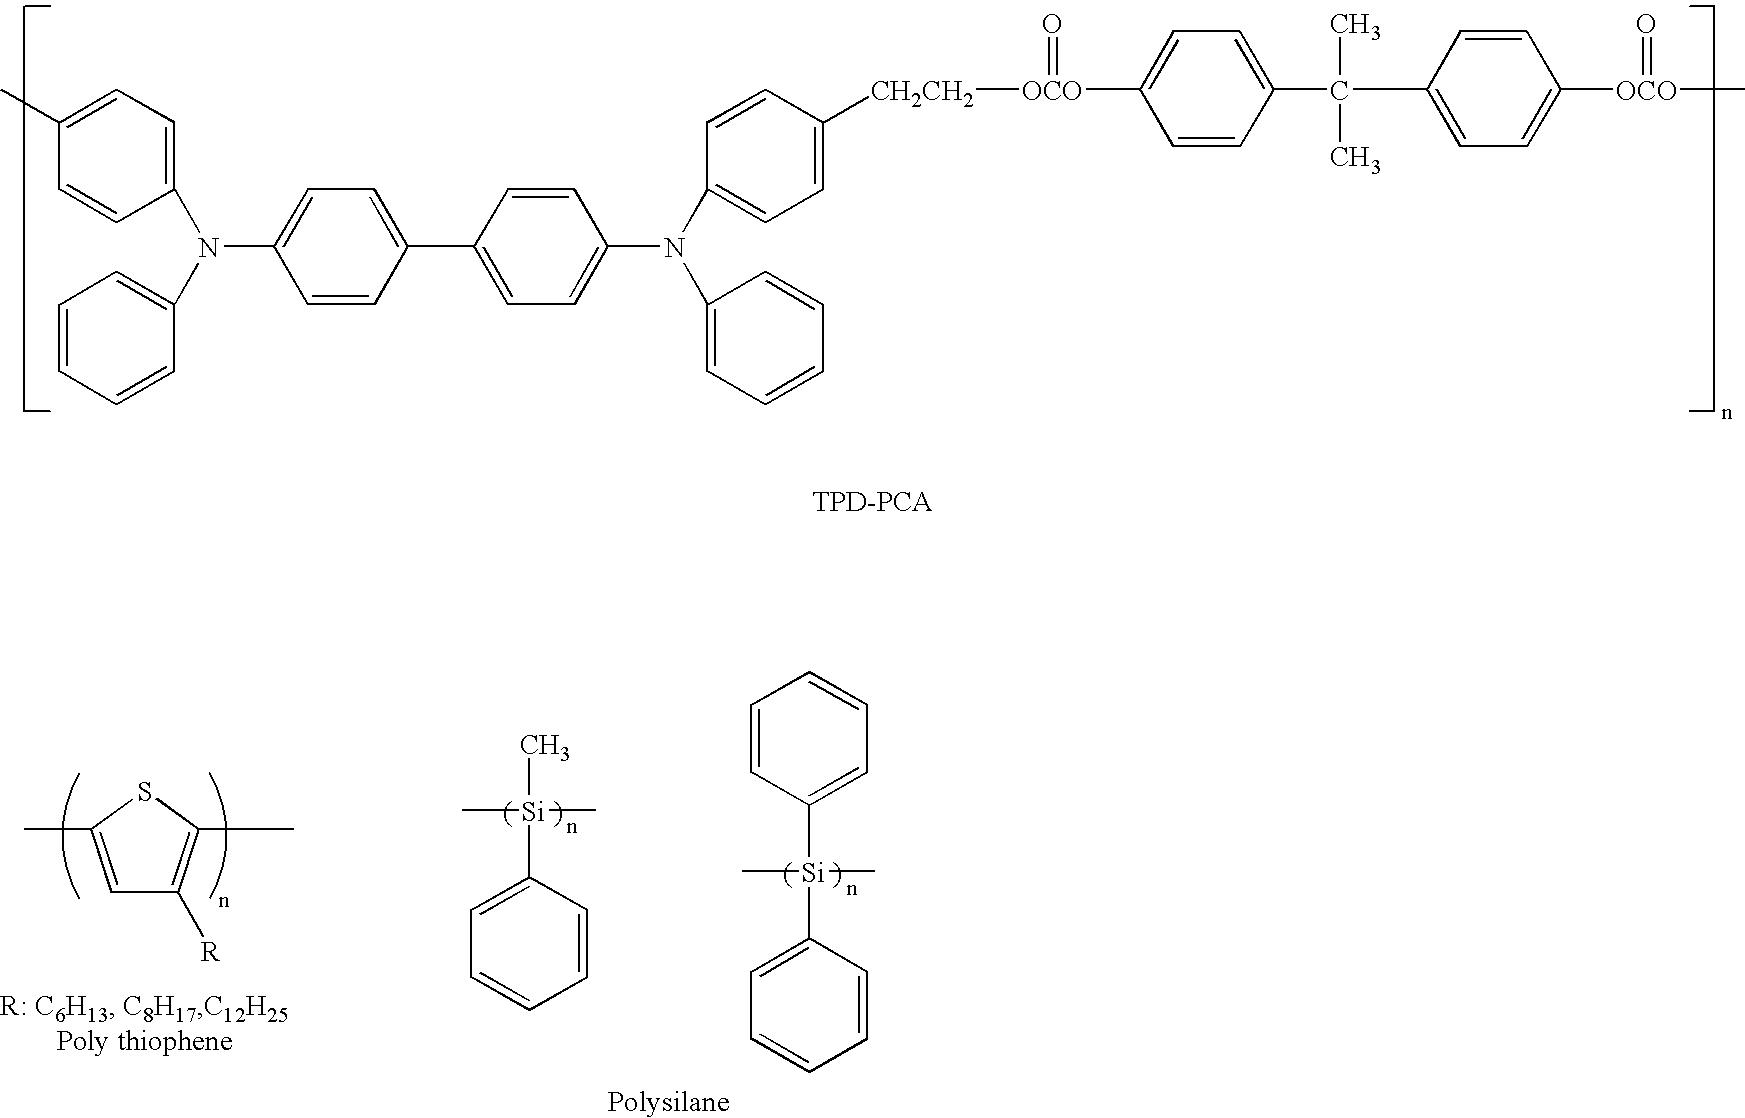 Figure US20060068221A1-20060330-C00366